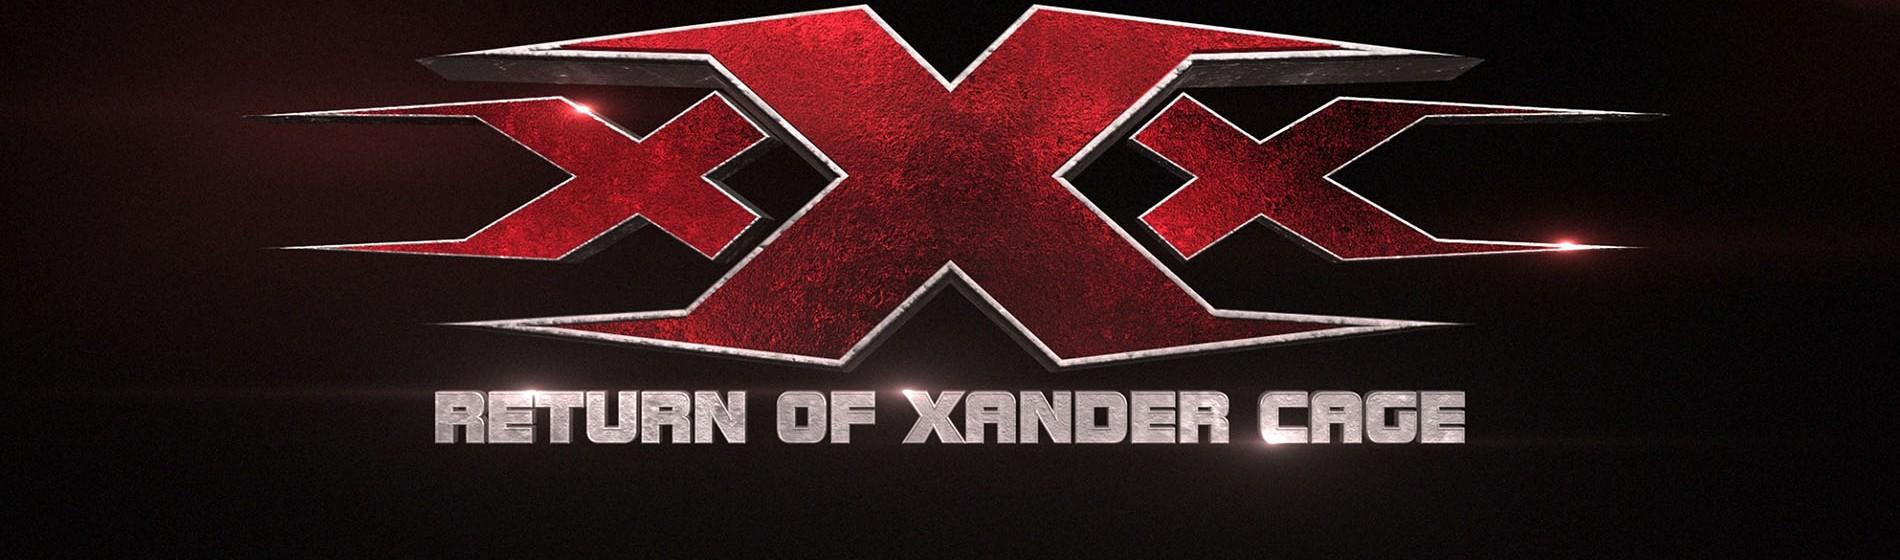 xxx_title-treatment